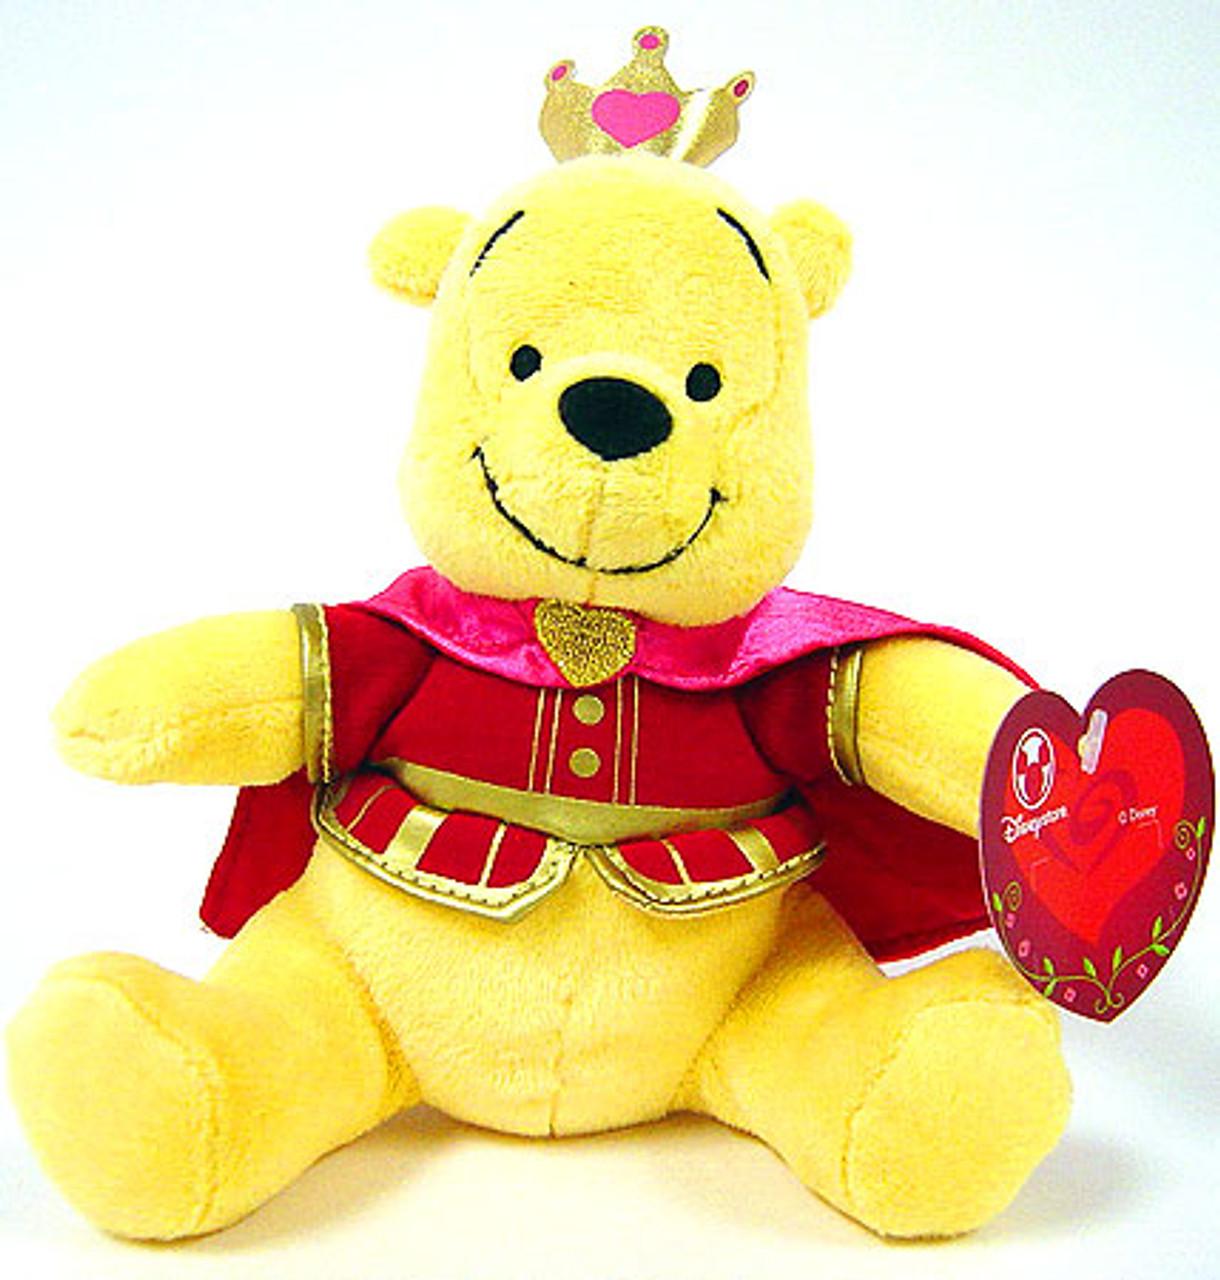 Disney Winnie the Pooh Exclusive 5-Inch Plush [Valentine]